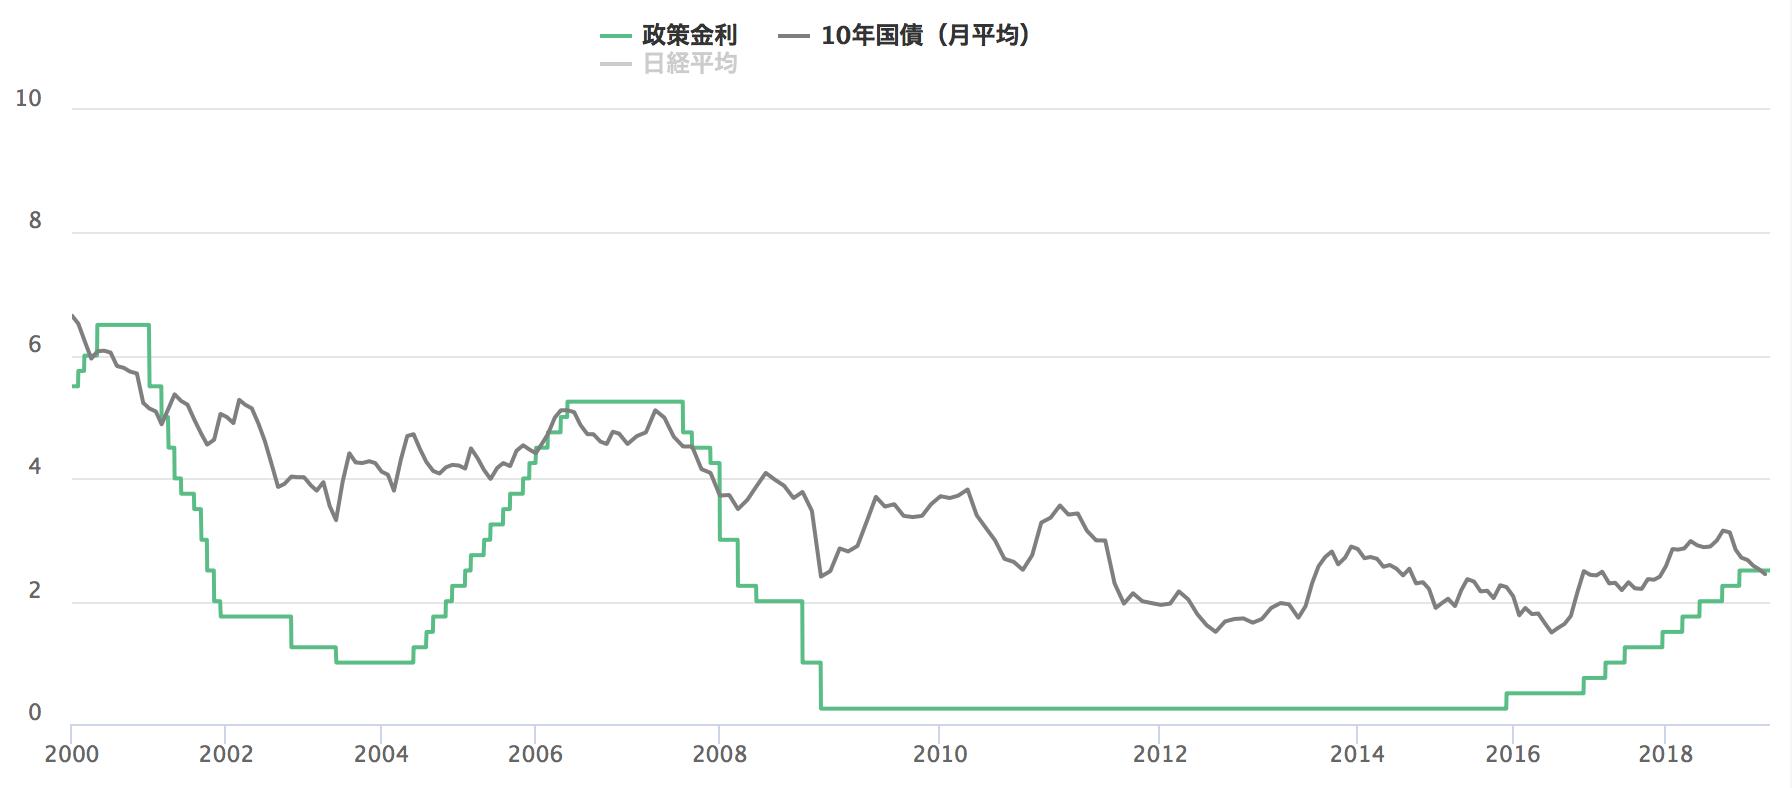 米政策金利と米国10年債の金利